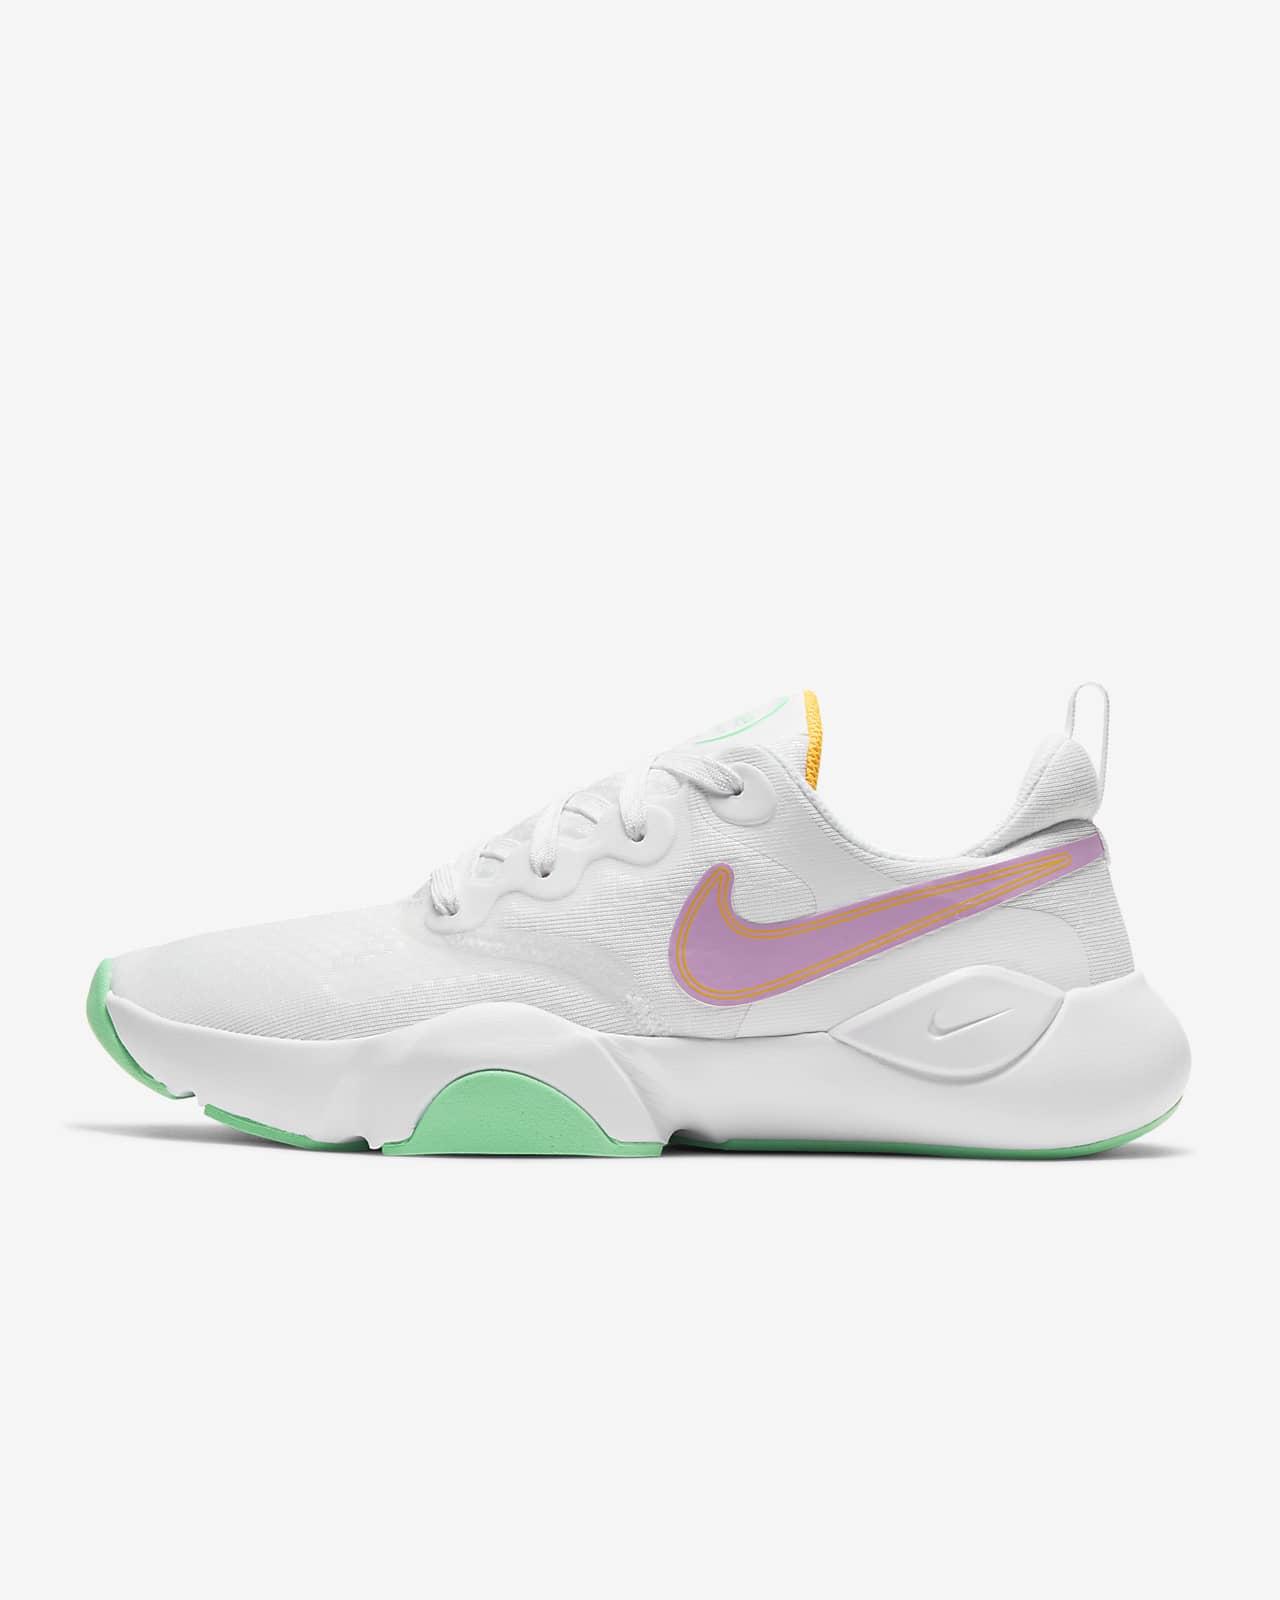 รองเท้าเทรนนิ่งผู้หญิง Nike SpeedRep